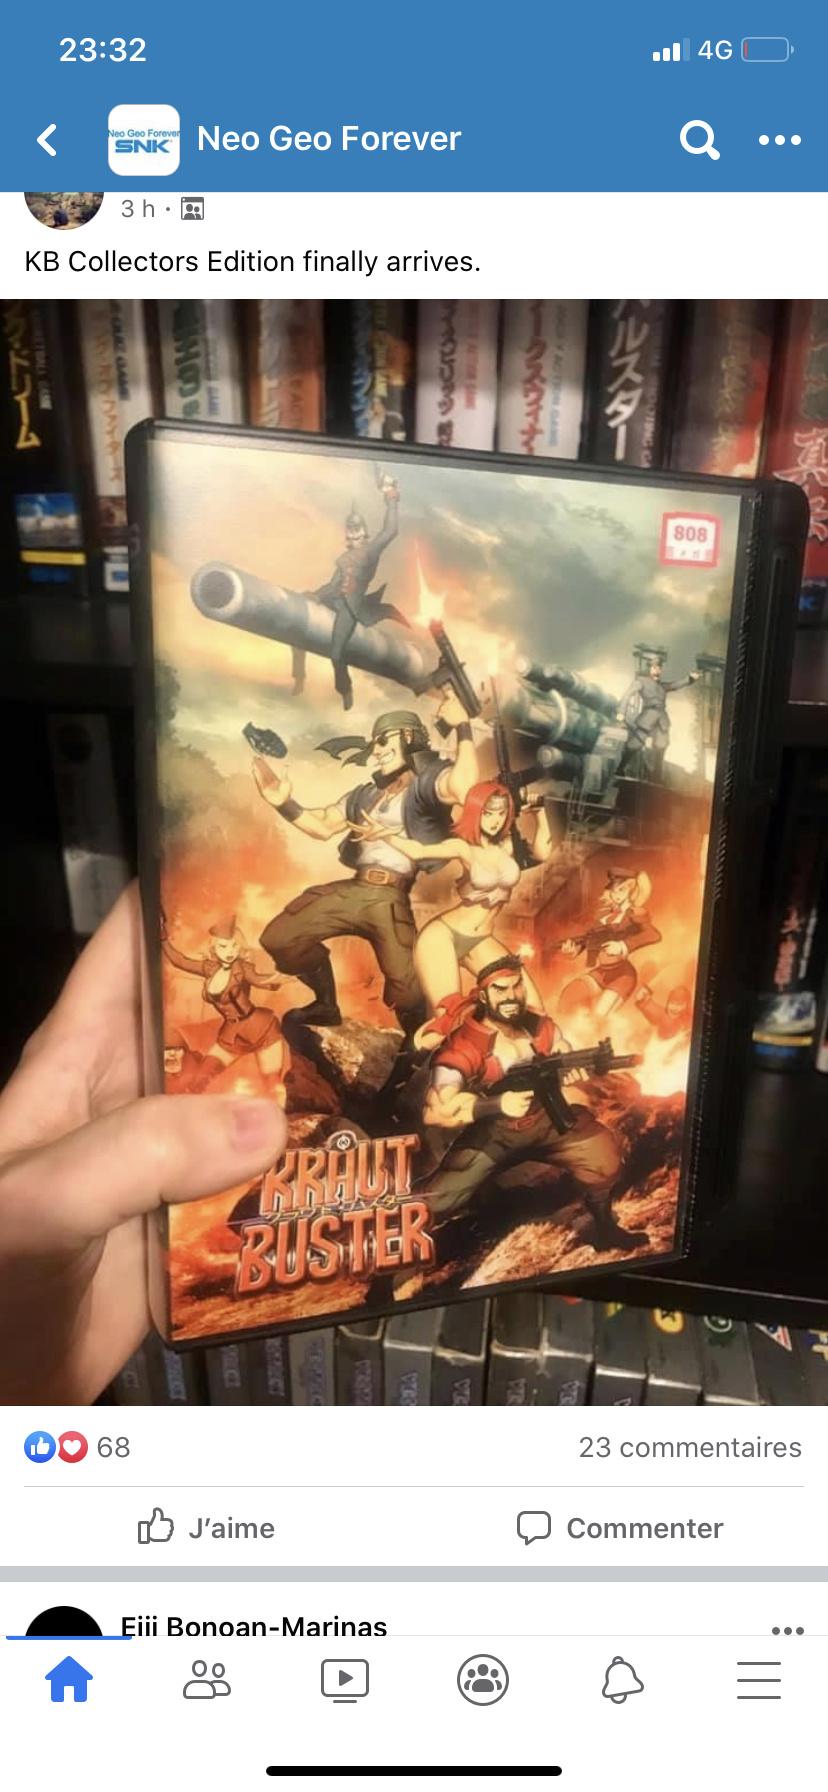 Ngdevteam Annonce prochainement un nouveau titre Kraut Busters - Page 32 Ad0cb710